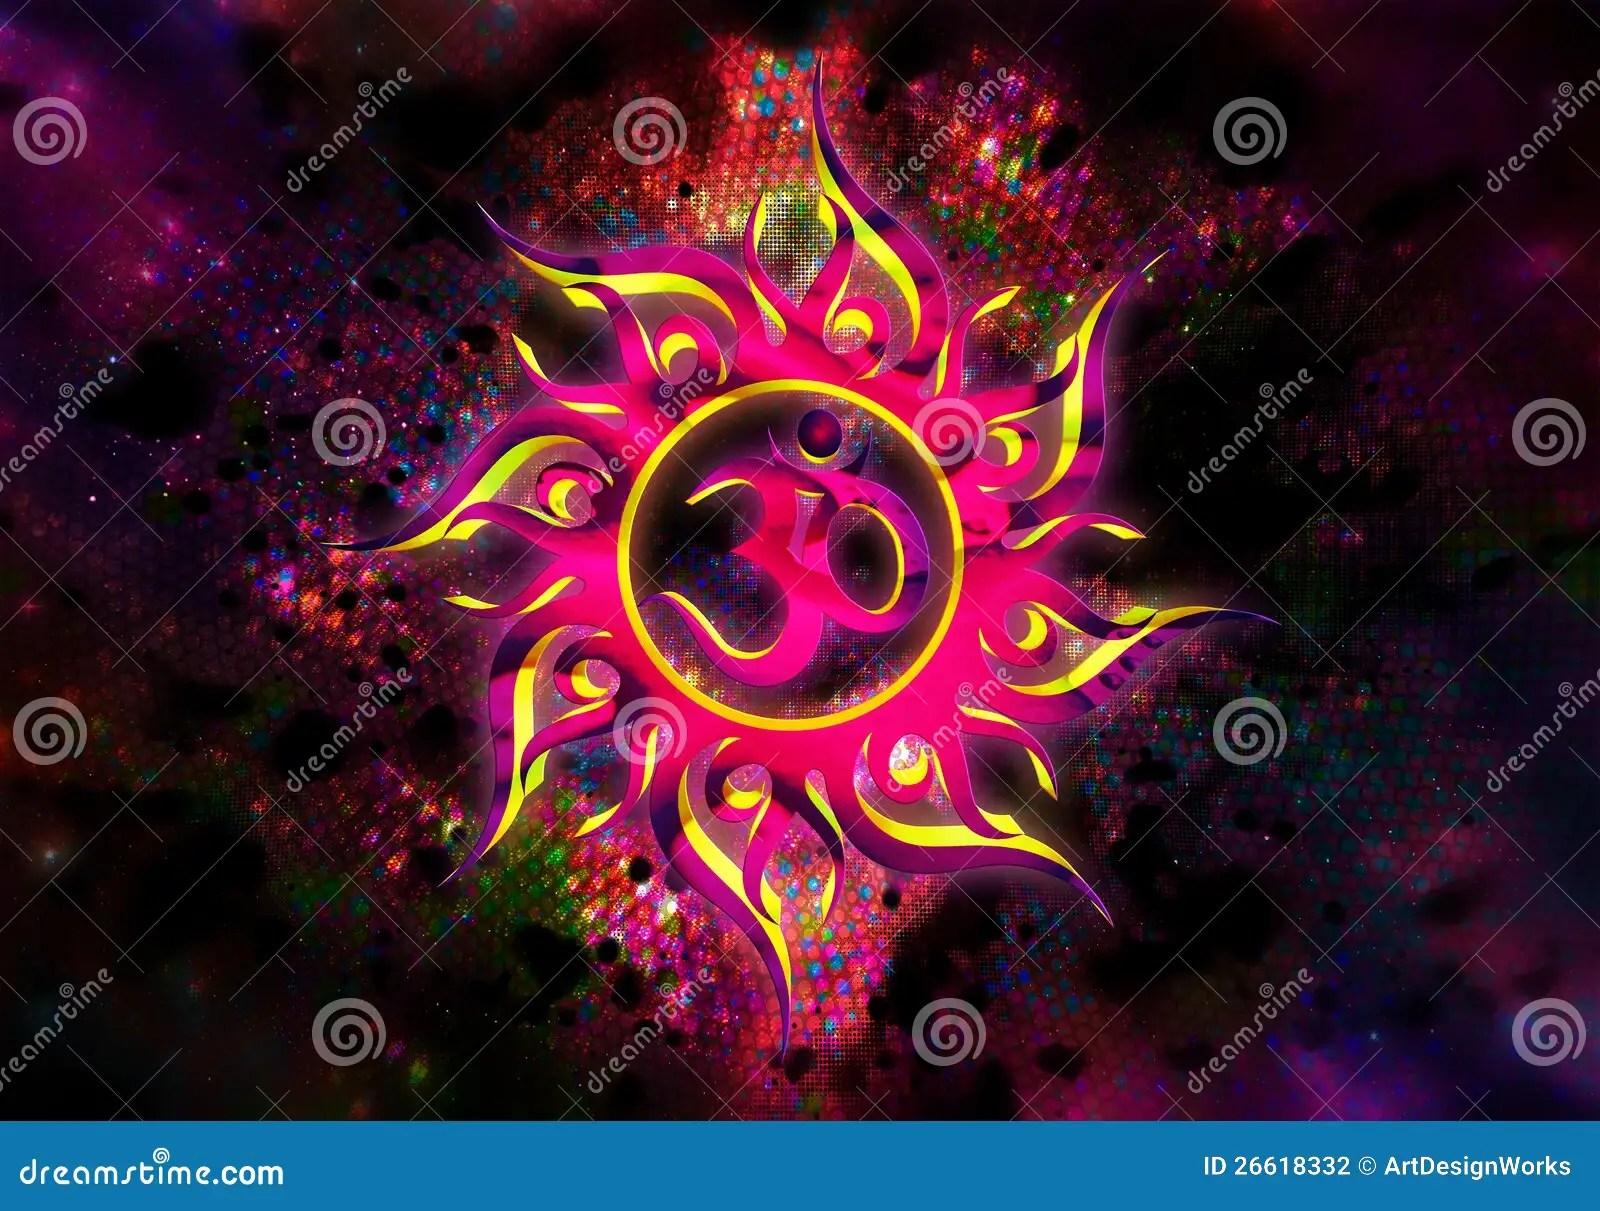 Yin And Yang Wallpaper Hd Goa Kunsttapete Stockfotografie Bild 26618332